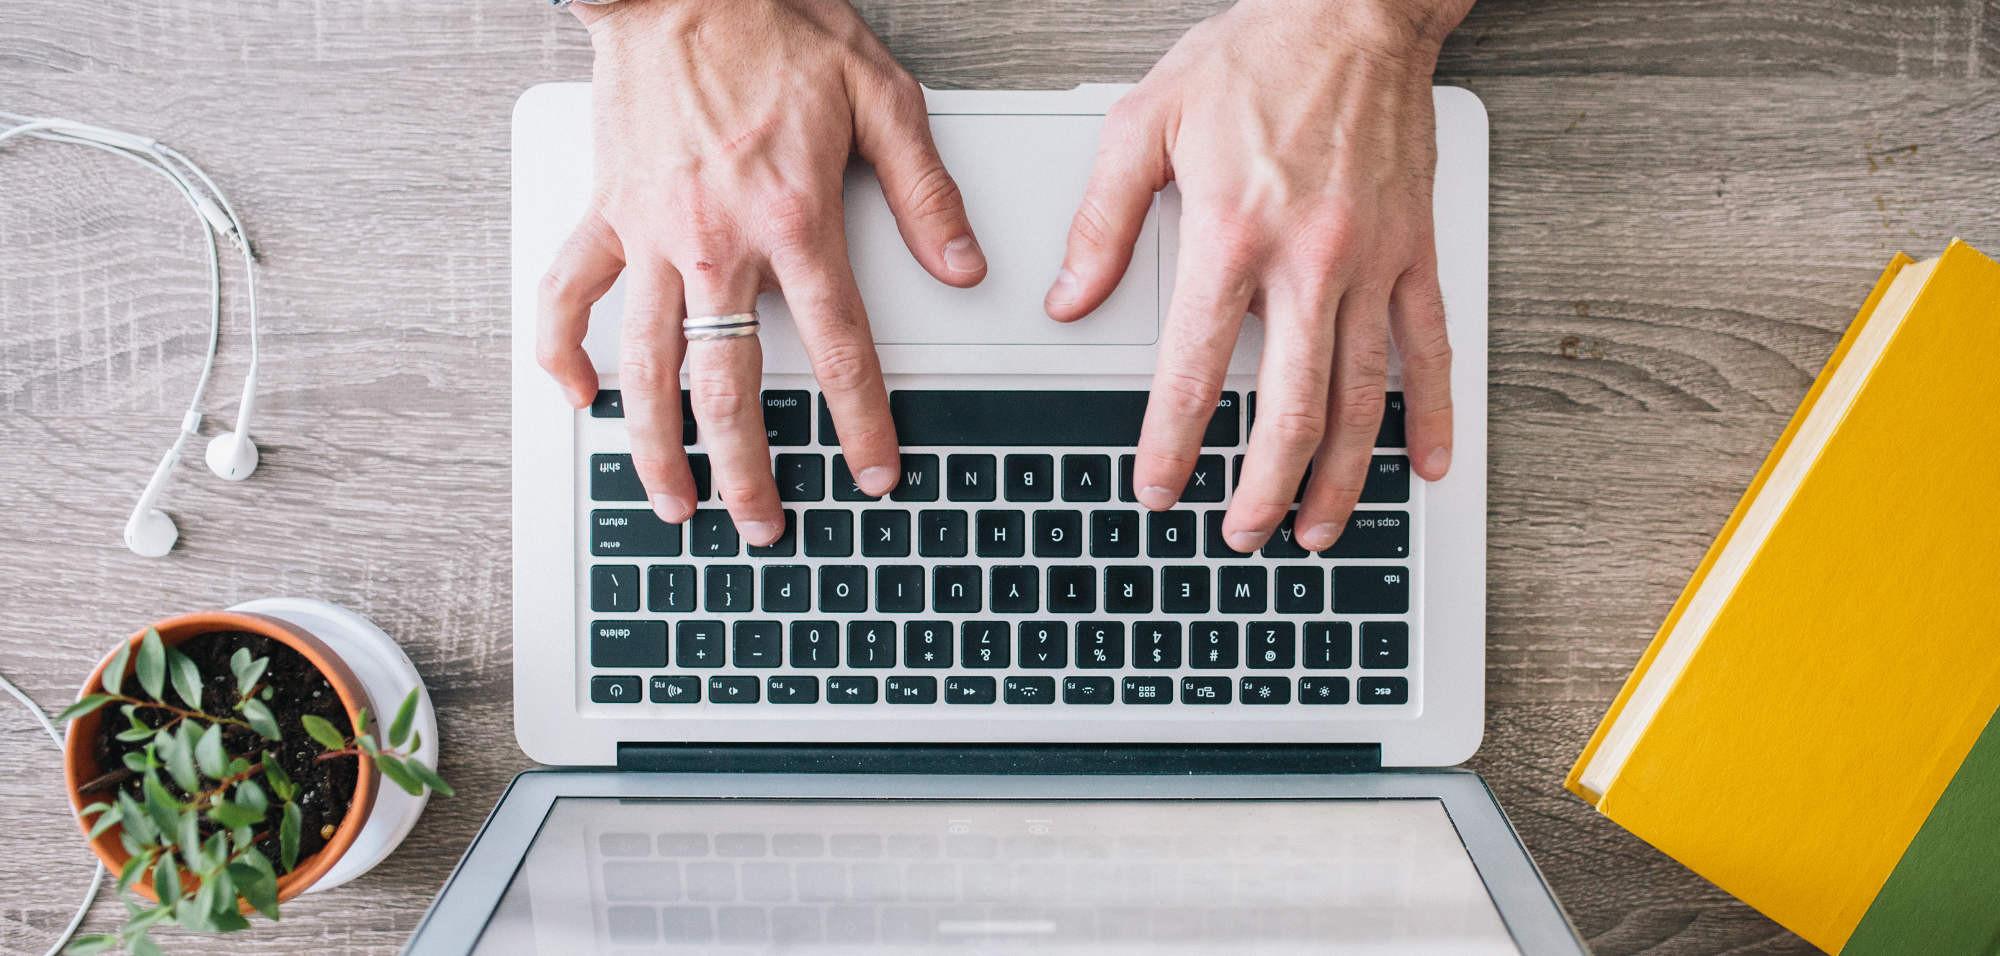 Tips Menjalankan Bisnis Pembayaran Online Agar Sukses